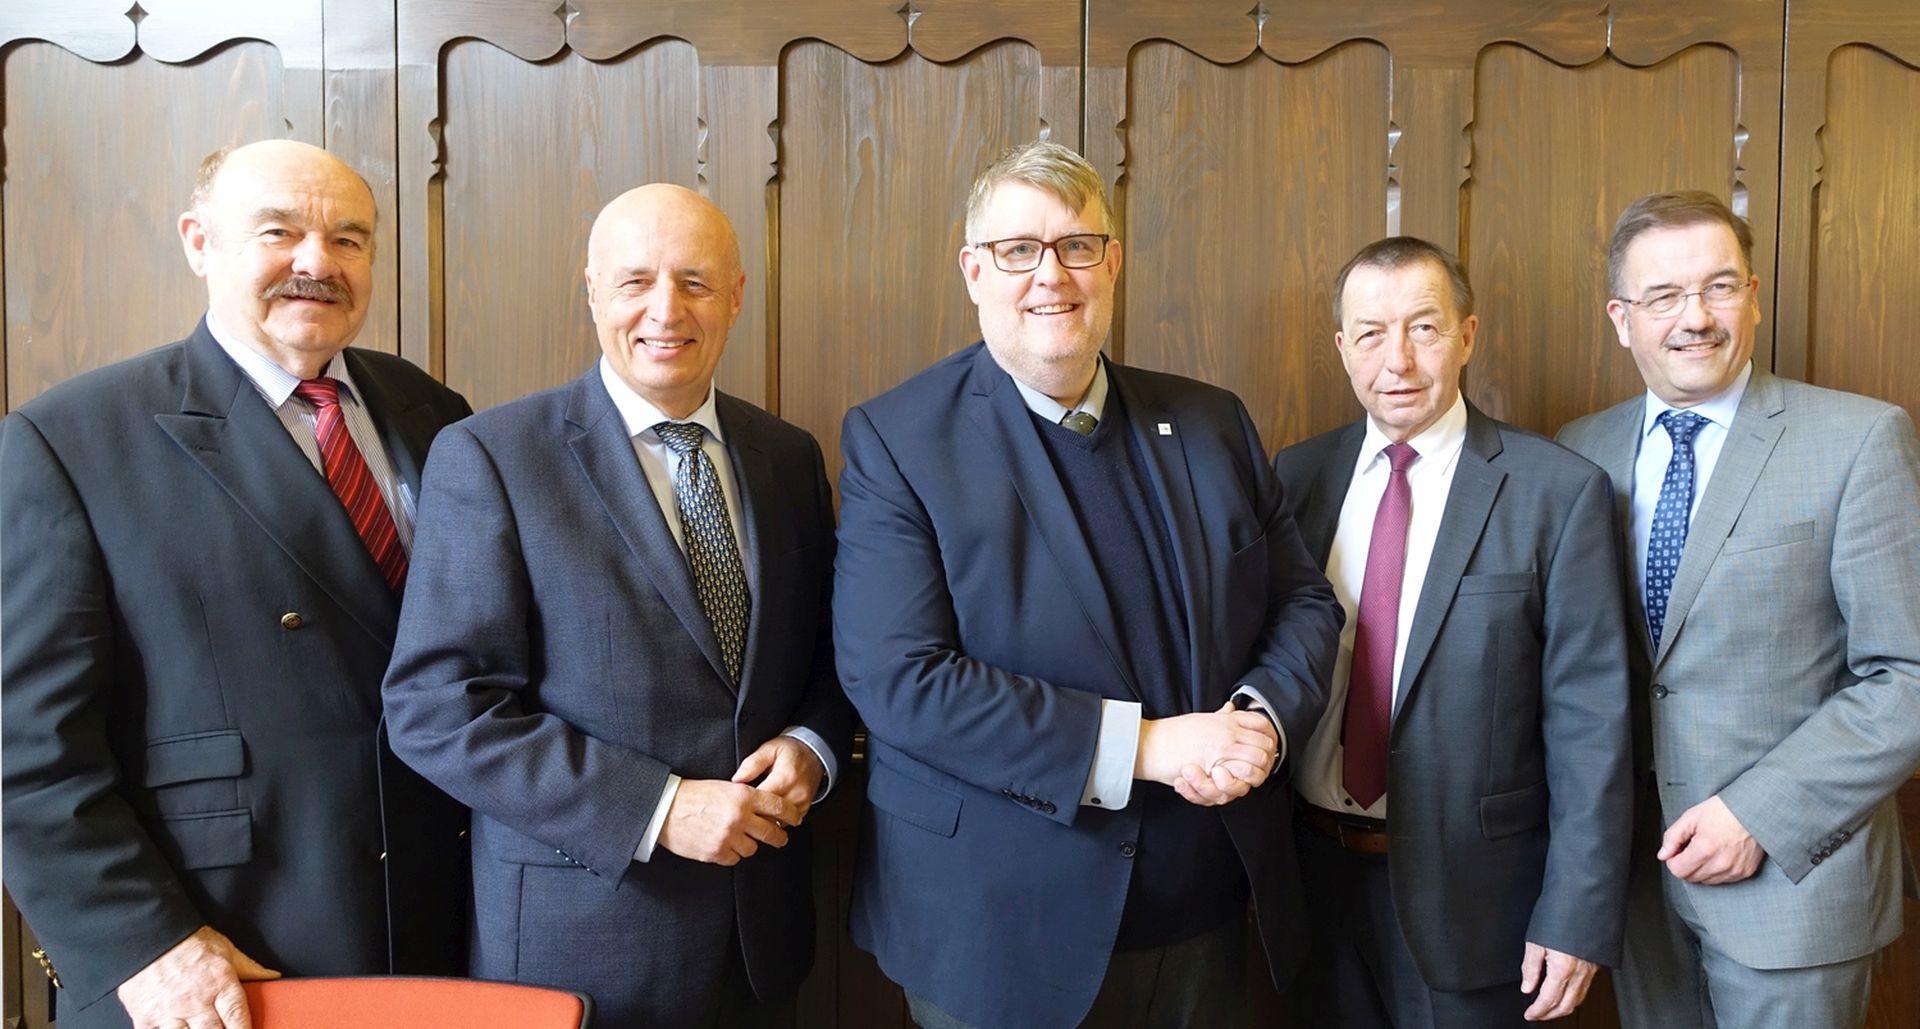 Gruppenbild Mitglieder der Gesellschafterversammlung des Regionalmanagements Mittelhessen